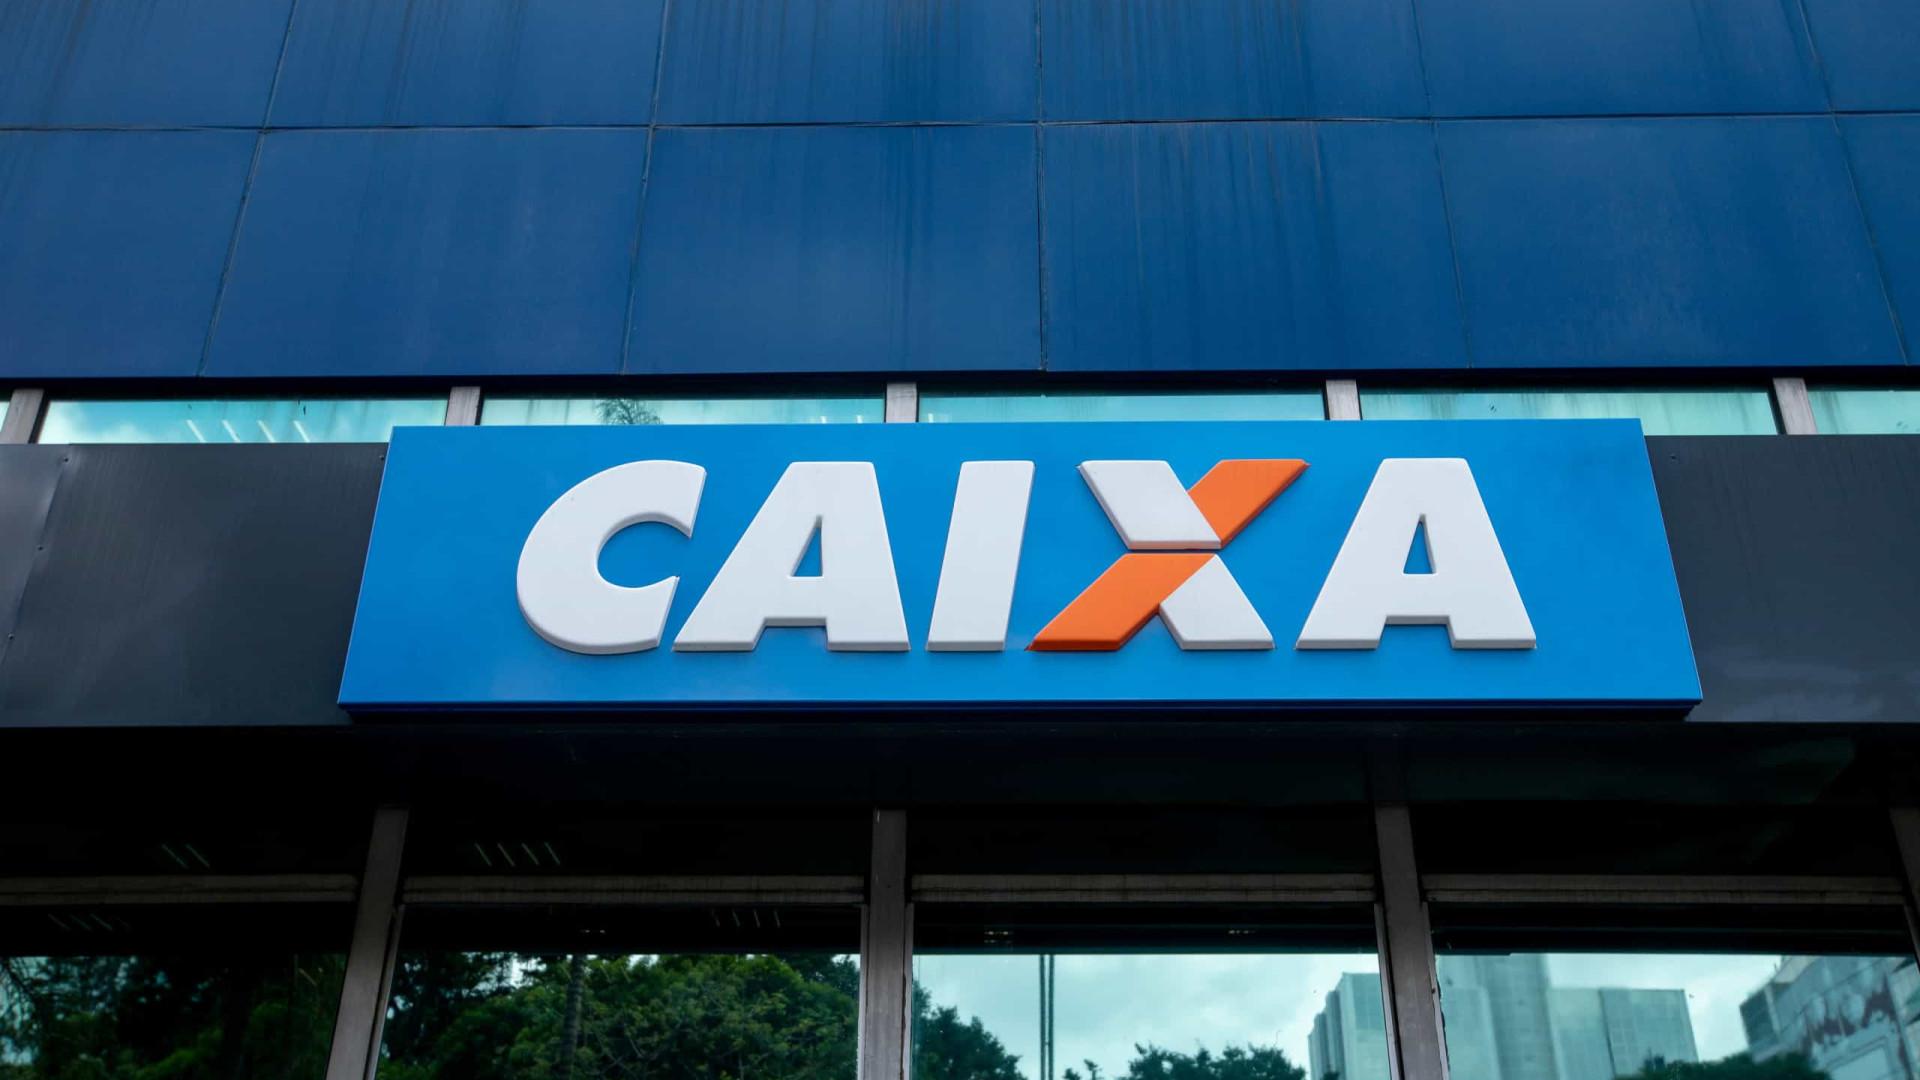 Cliente da Caixa pode contratar crédito habitacional por aplicativo